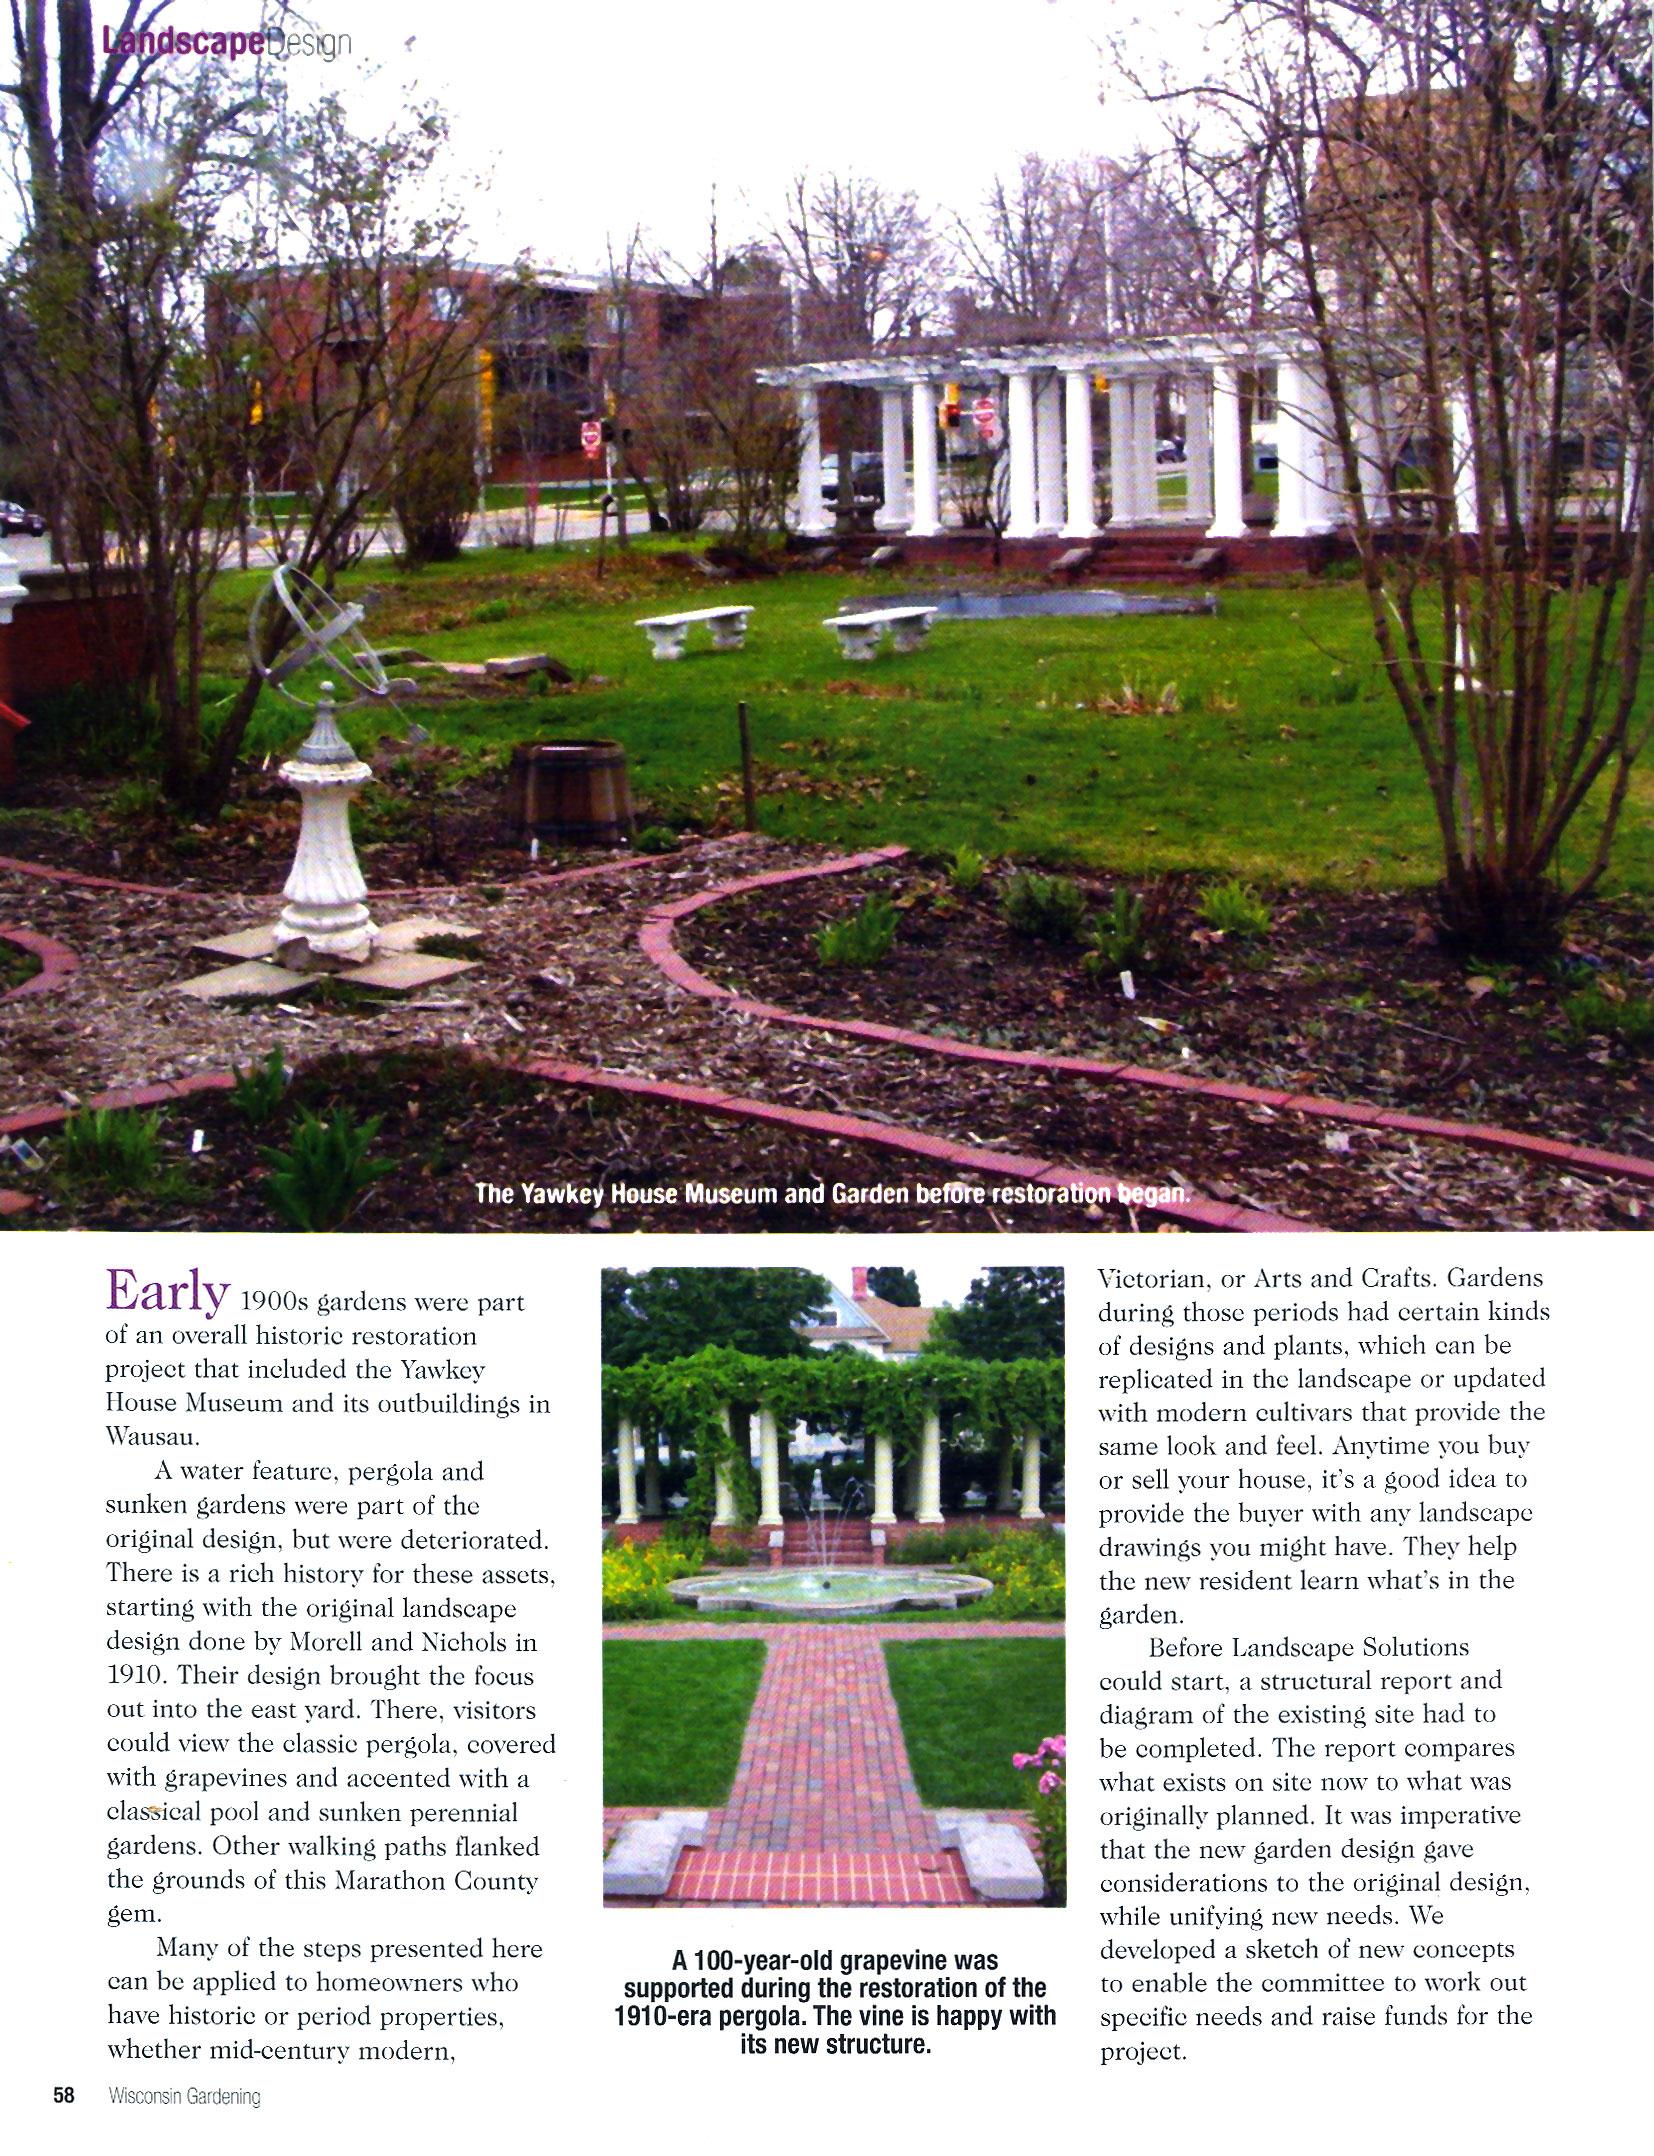 Original Plans Guide Landscape Restoration ...